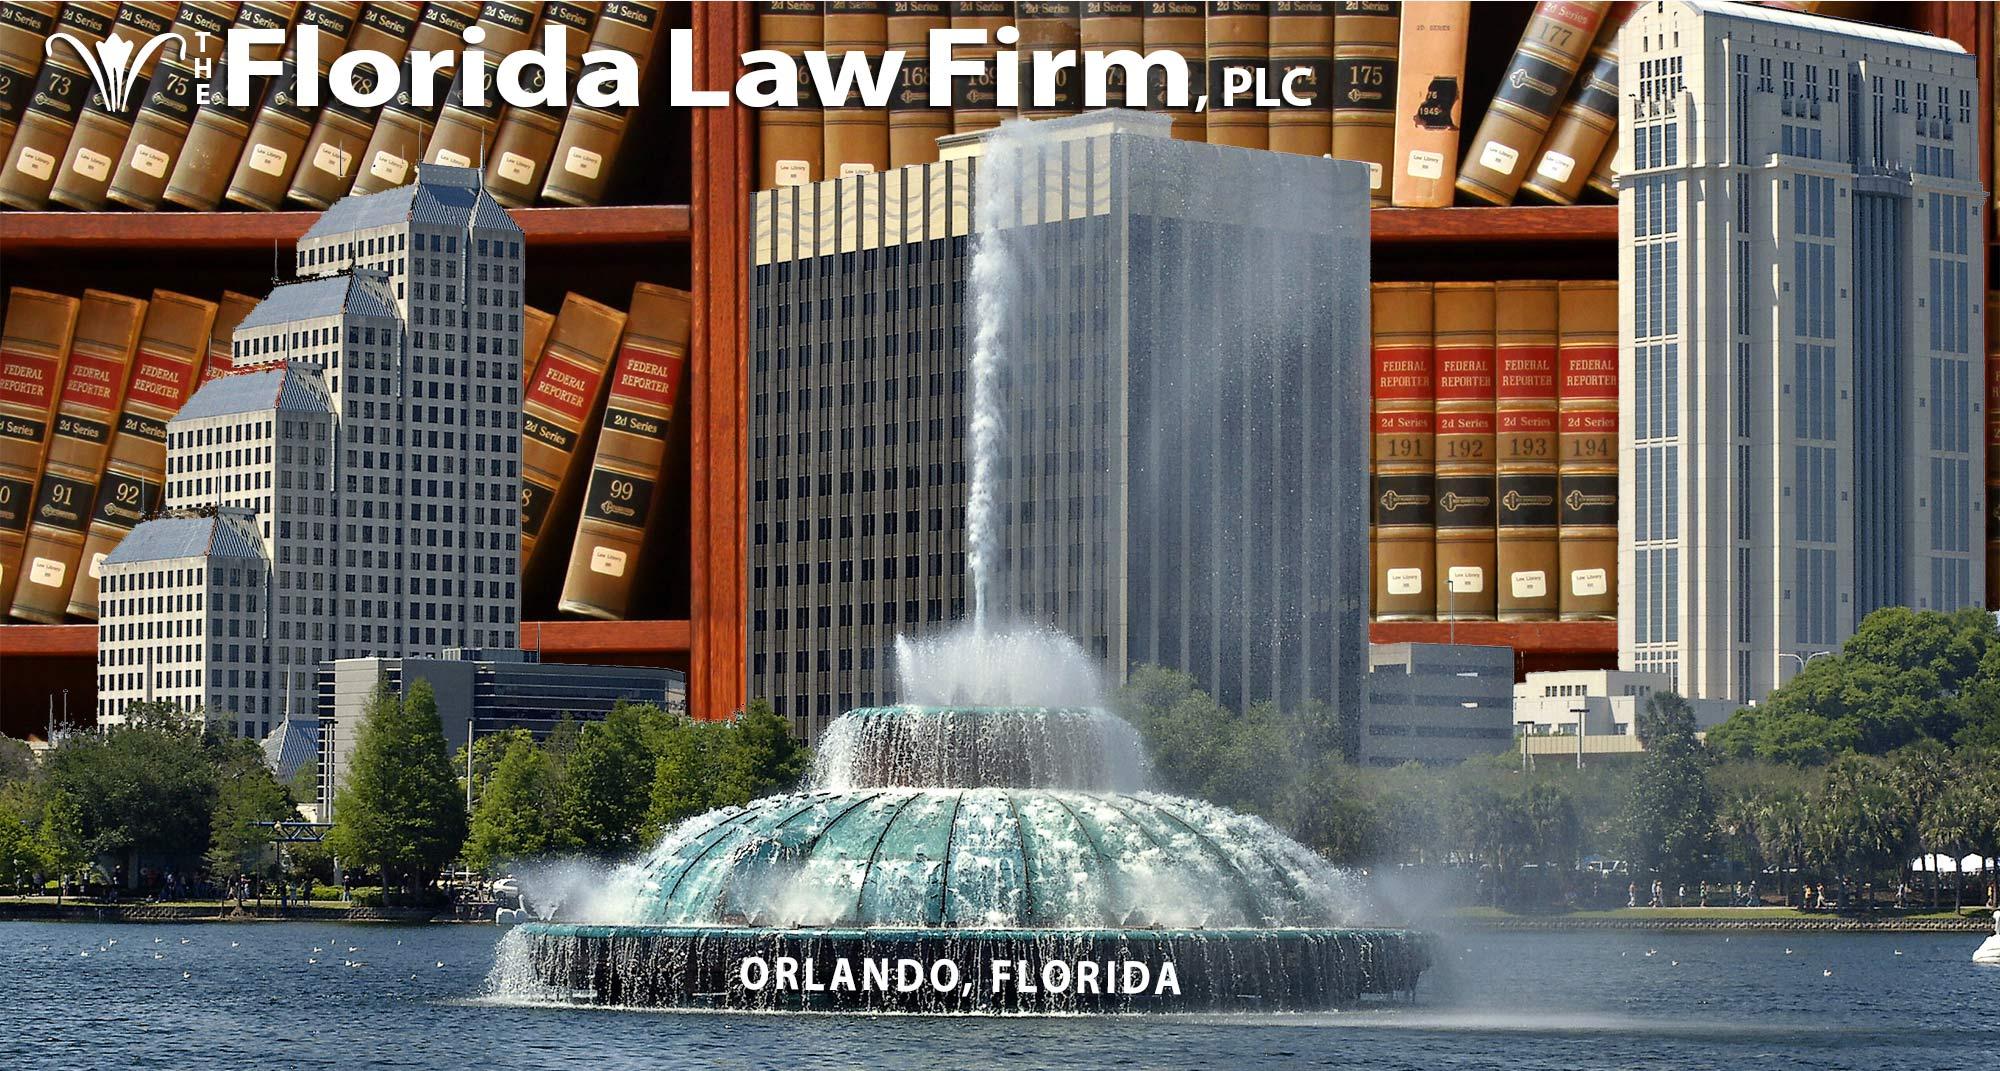 The Florida Law Firm, Orlando, Florida